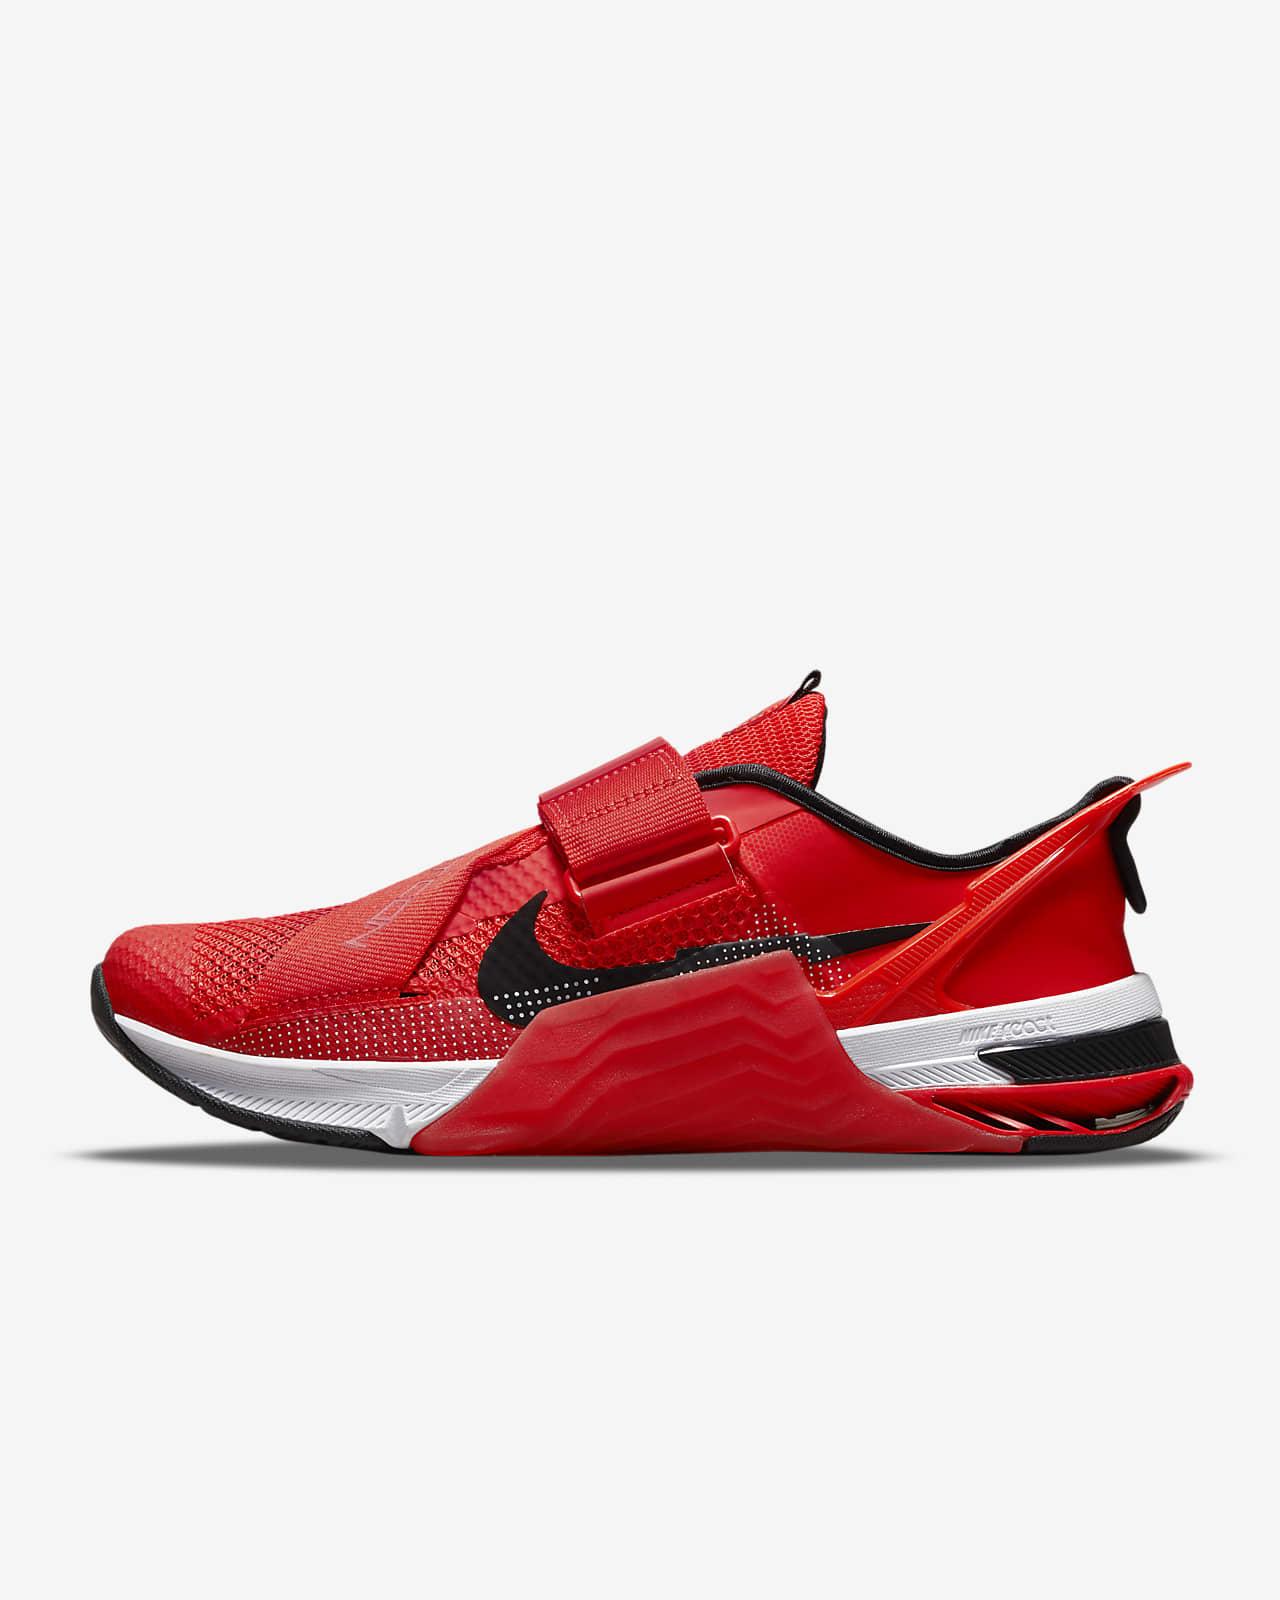 Παπούτσι προπόνησης Nike Metcon 7 FlyEase